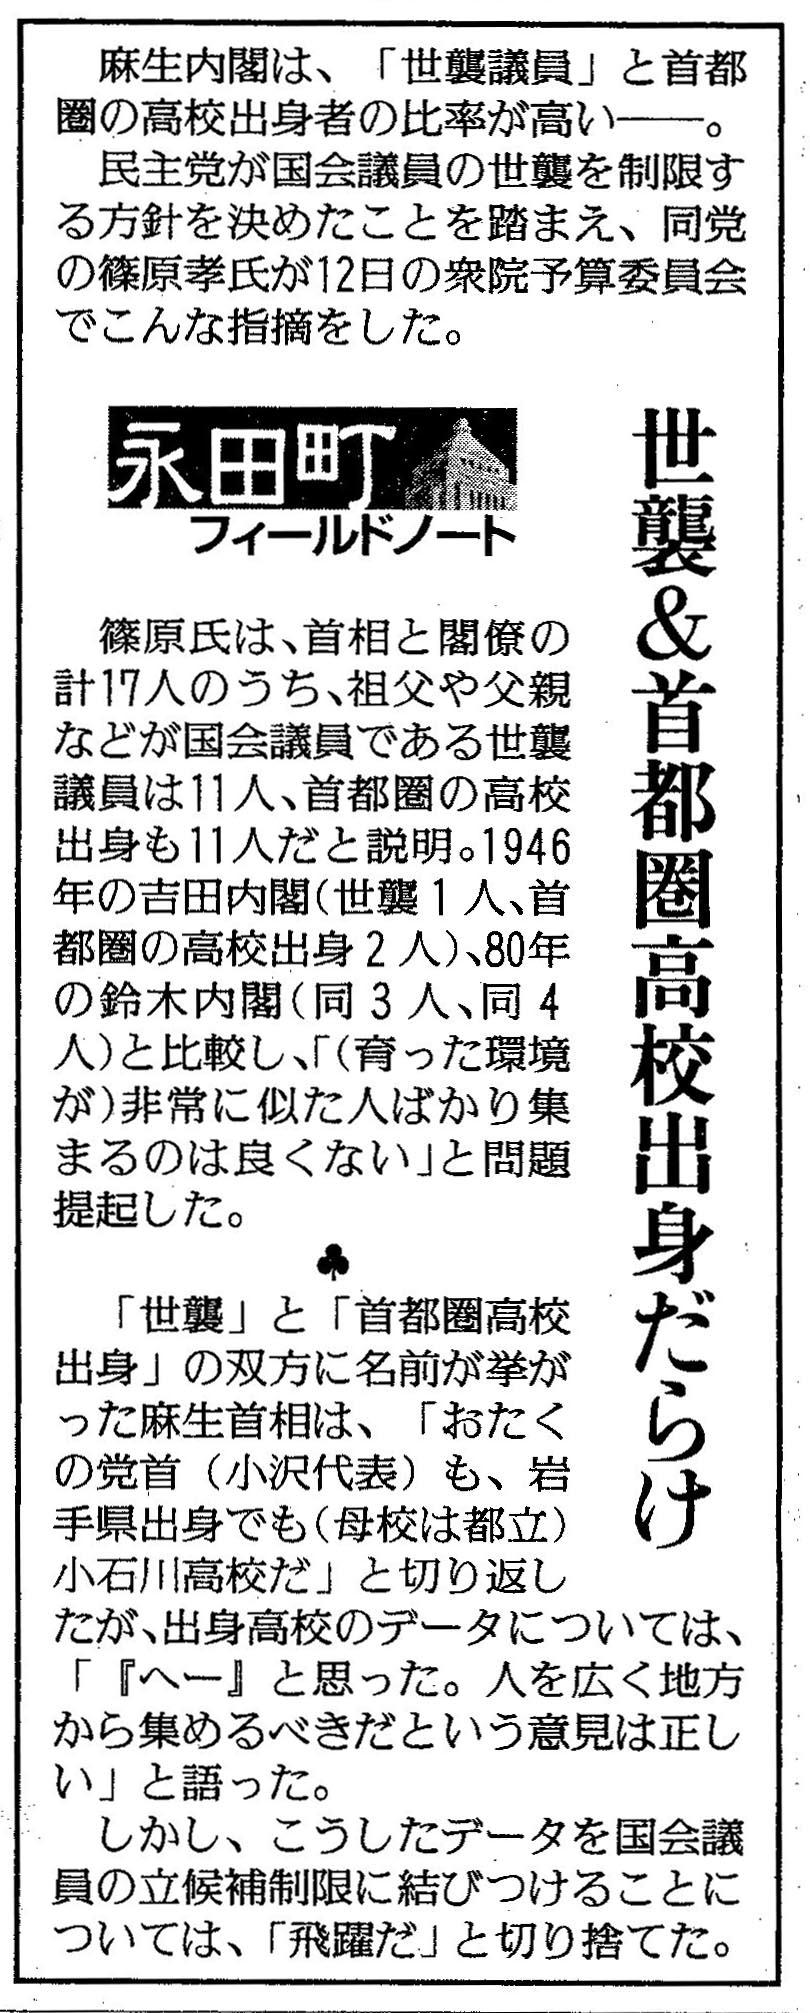 09.05.12読売新聞.jpg